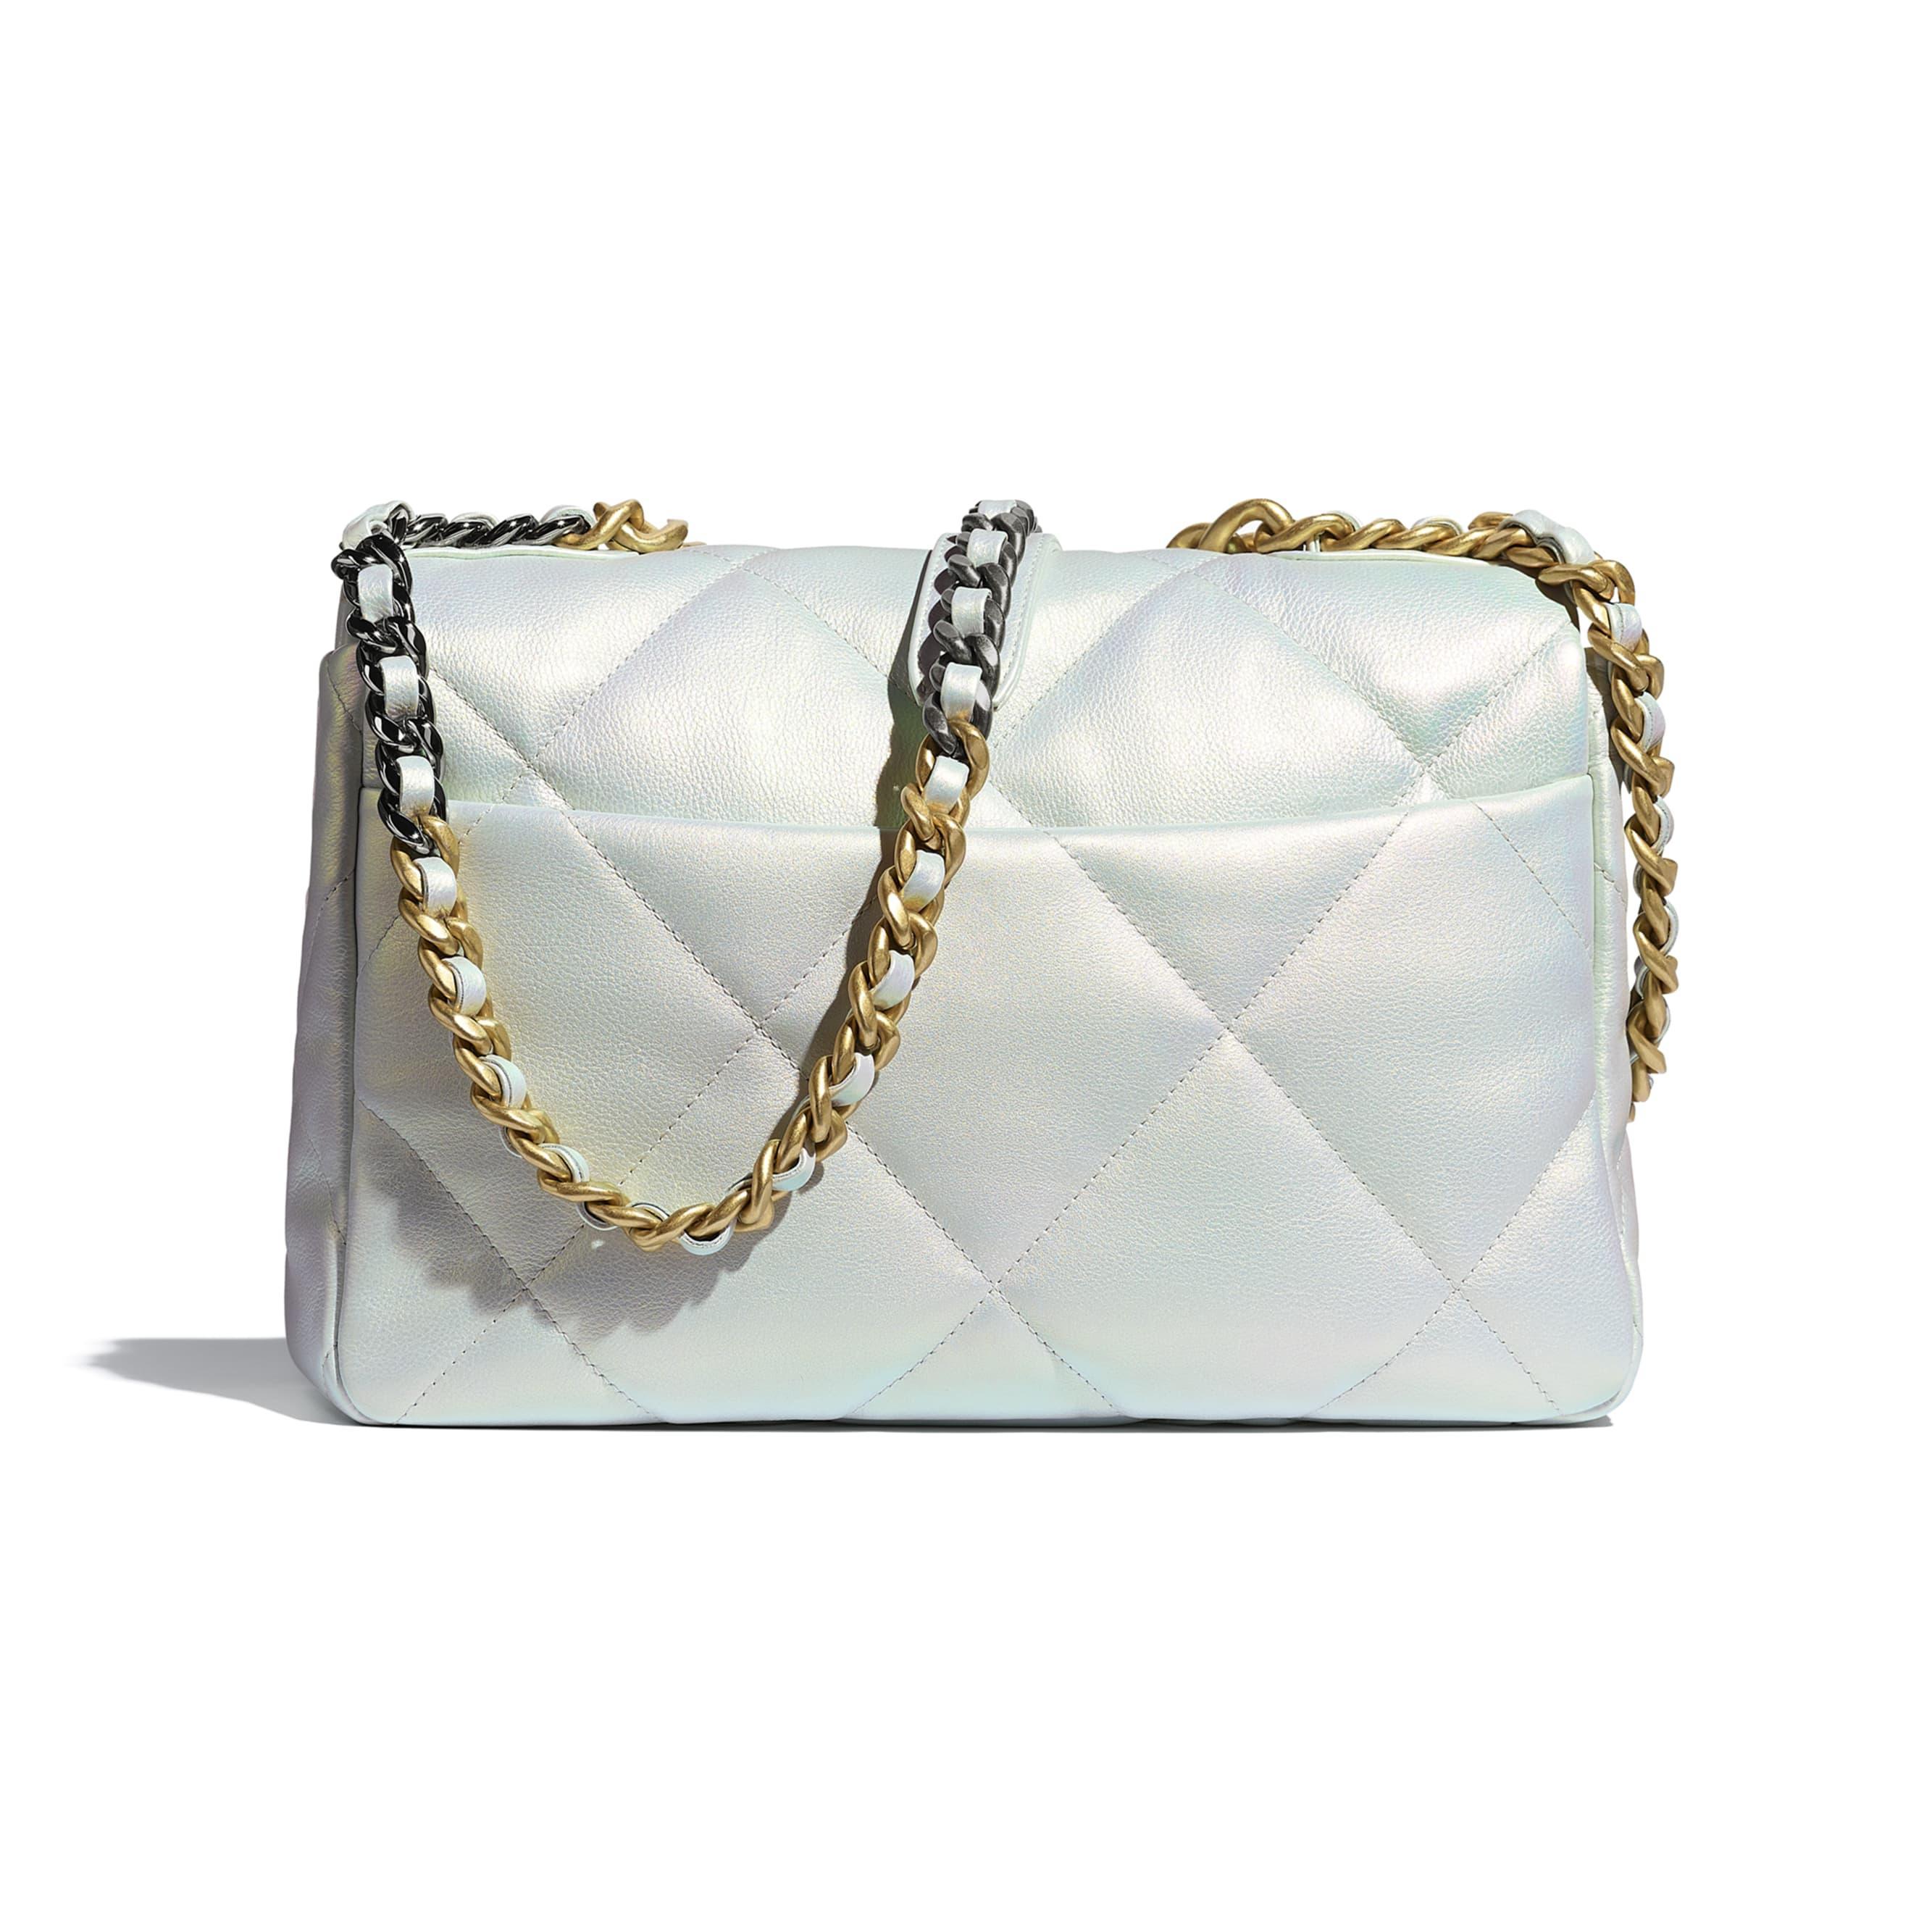 Grand sac à rabat CHANEL 19 - Blanc - Veau irisé, métal doré, argenté & finition ruthénium - CHANEL - Vue alternative - voir la version taille standard